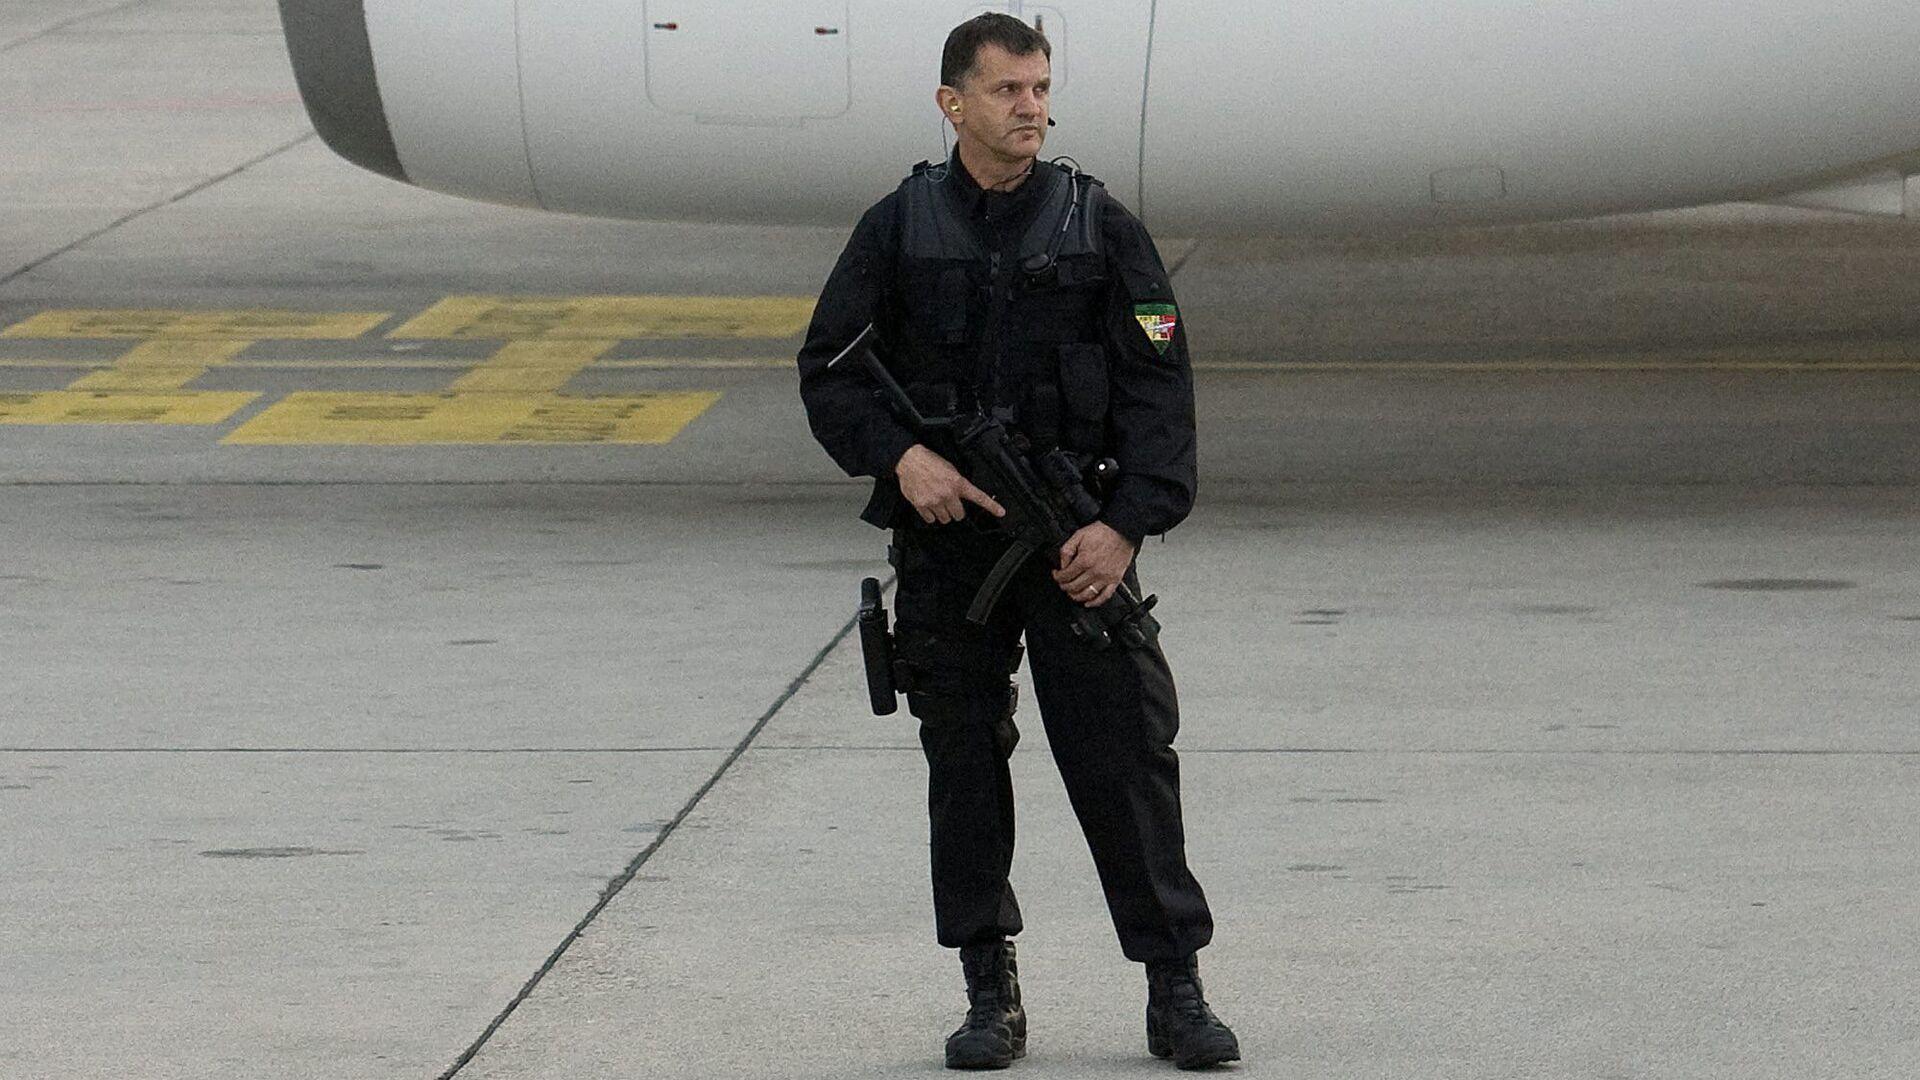 Сотрудник швейцарской полиции в аэропорту Женевы - РИА Новости, 1920, 01.05.2021